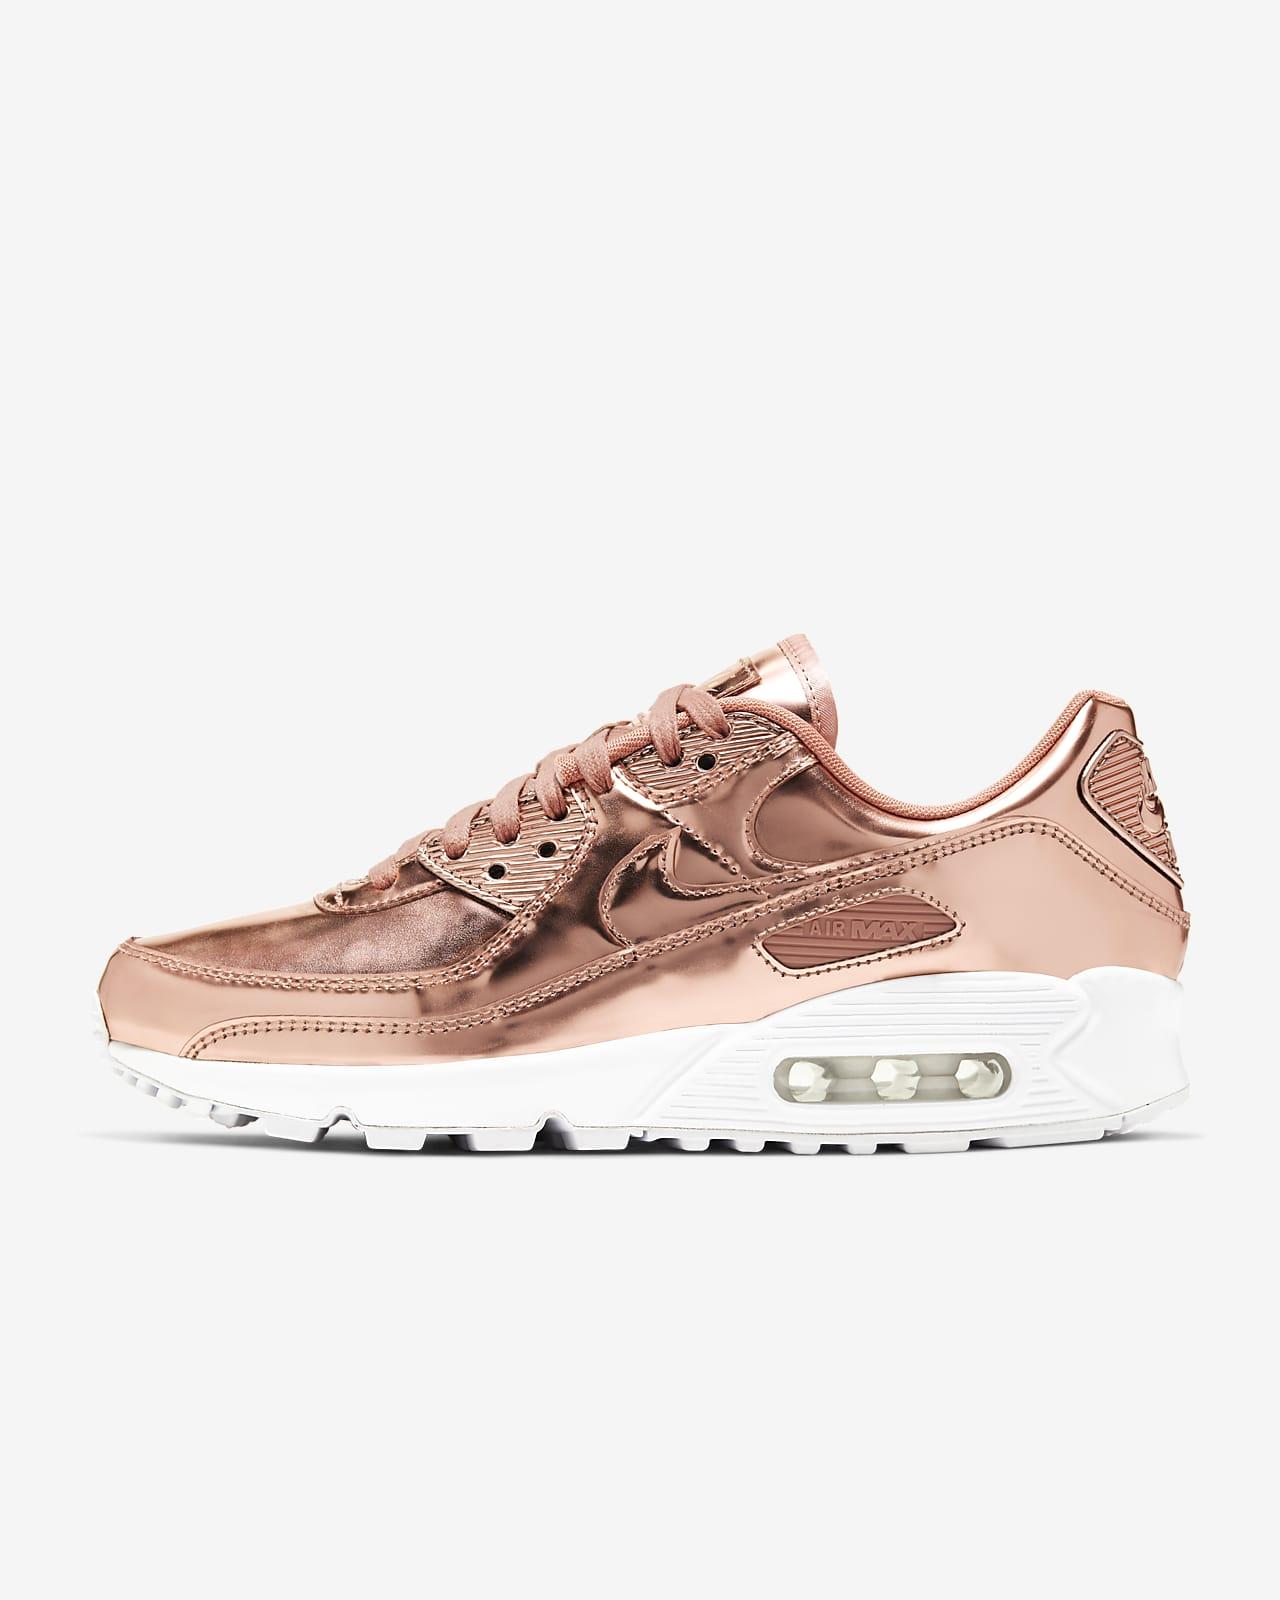 chaussures nike air max 90